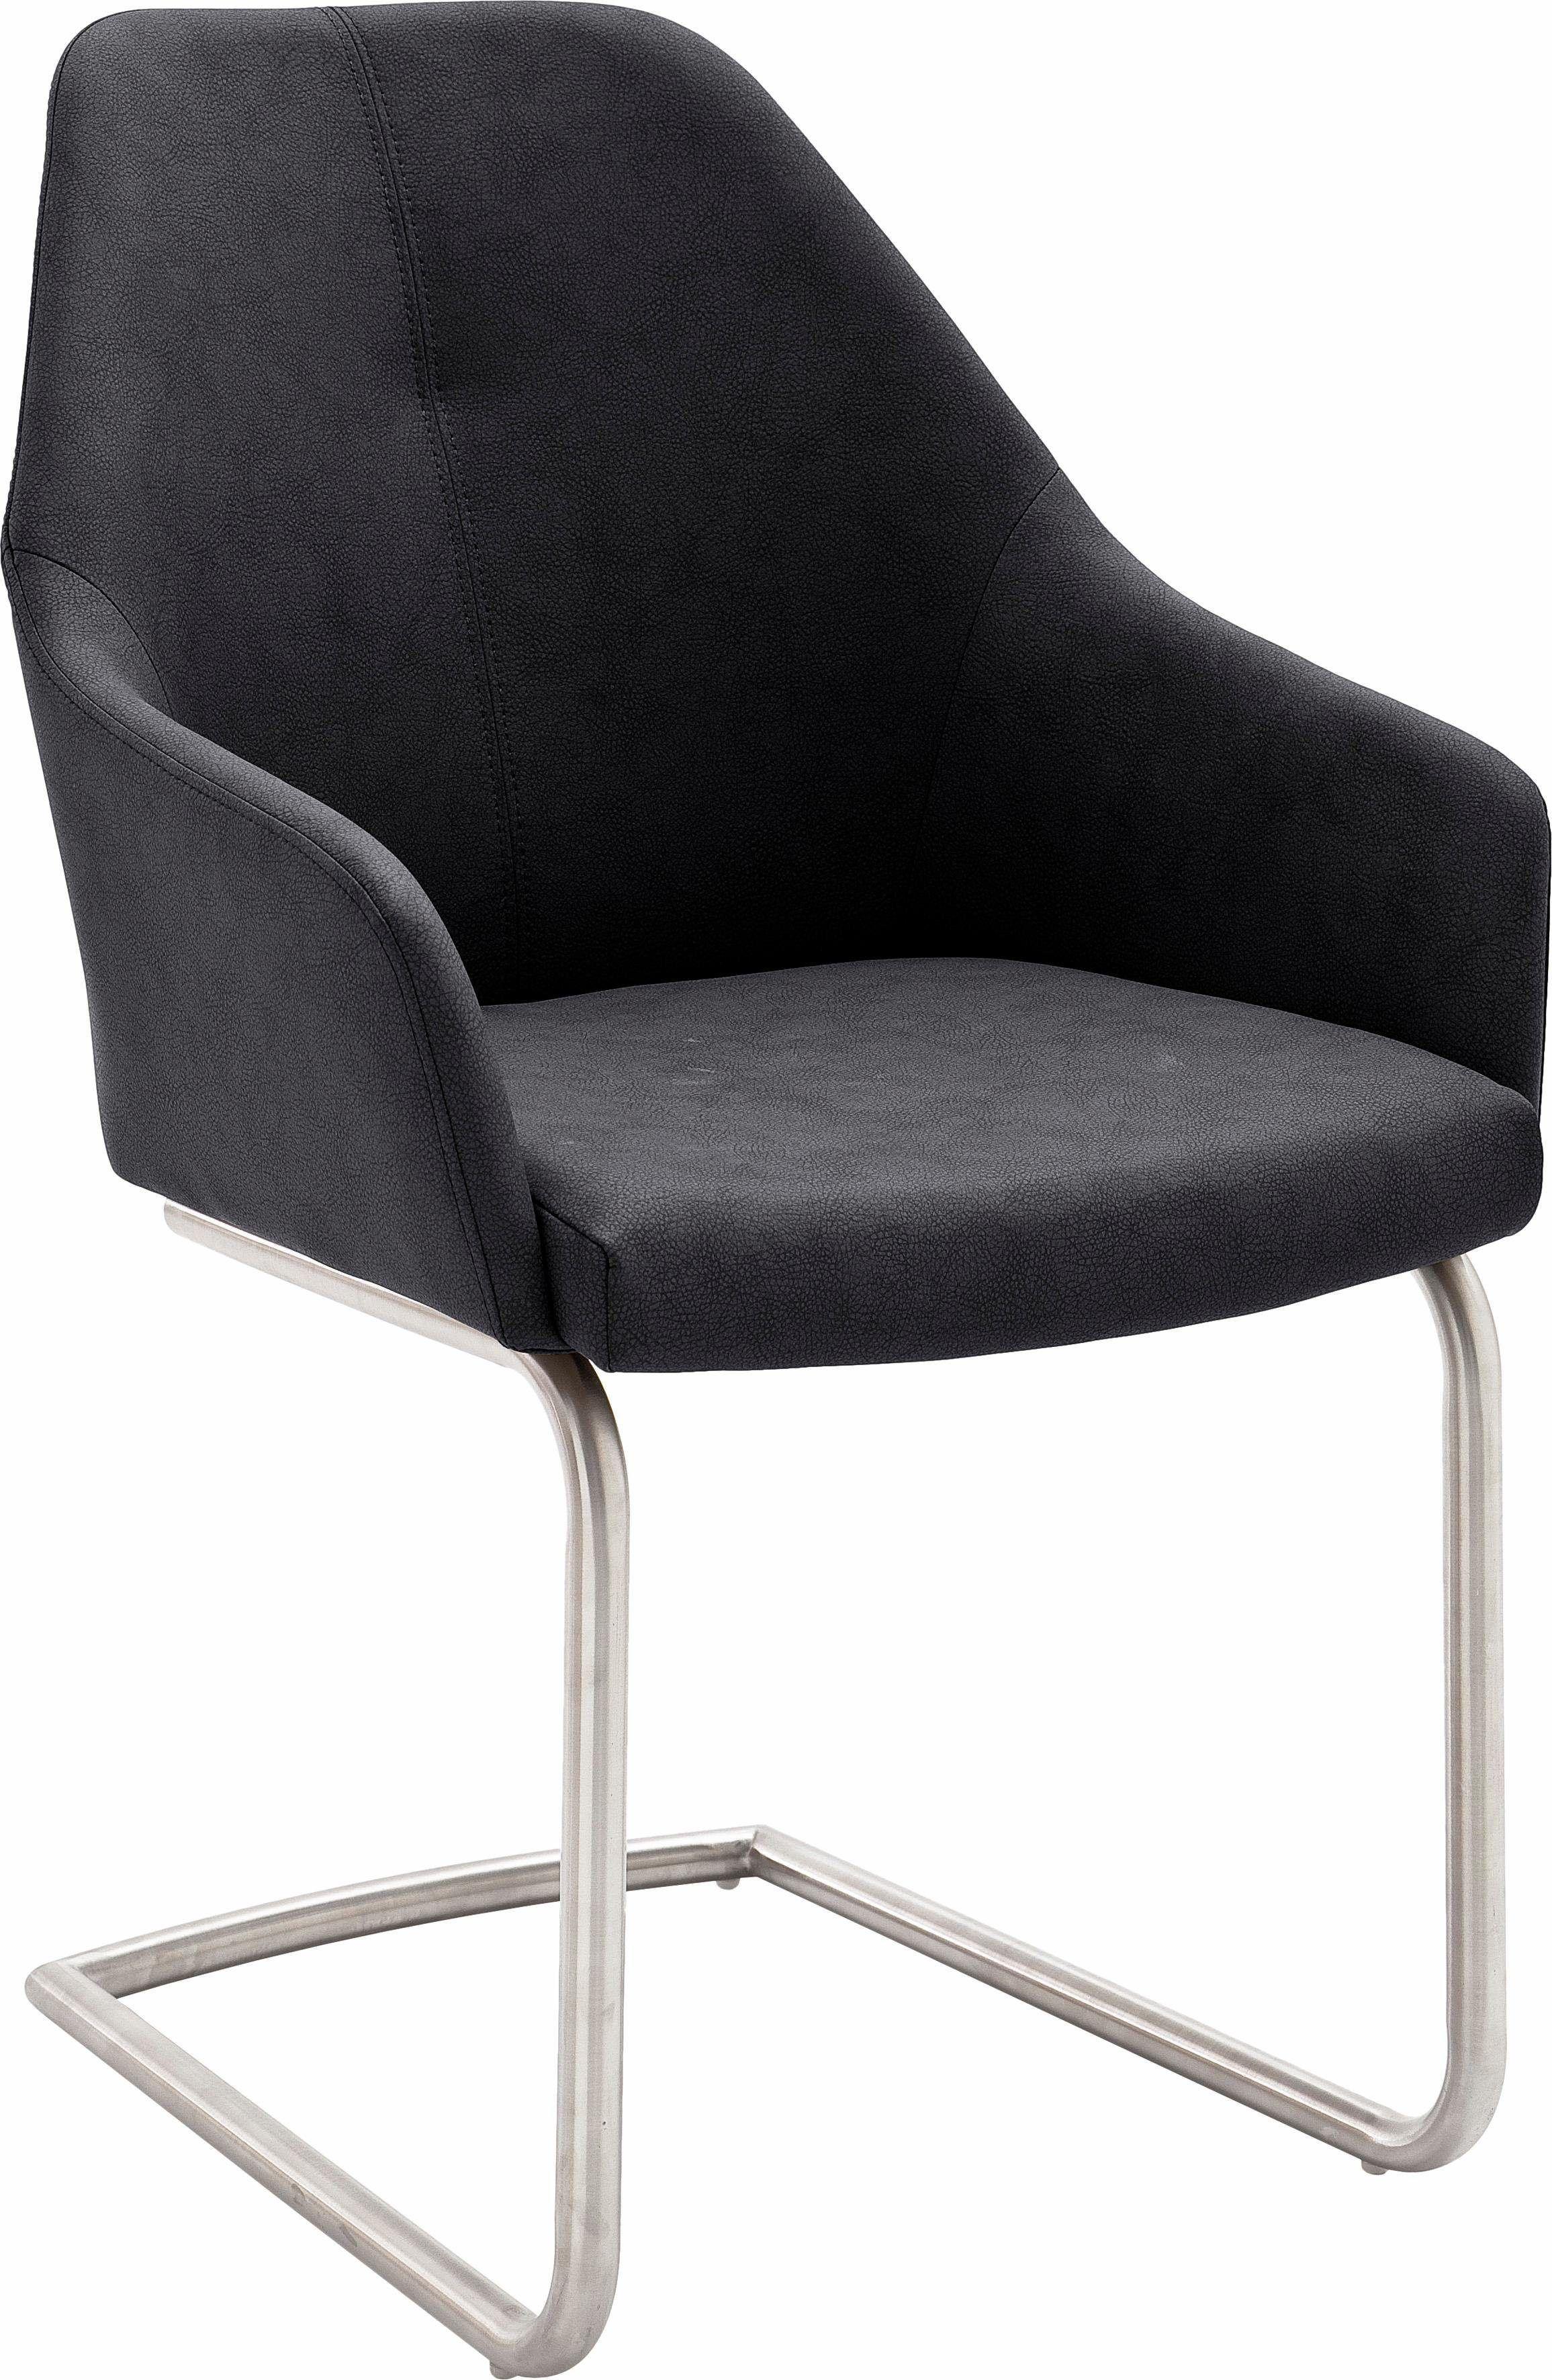 Stühle (2 Stück) grau, Schwinger, pflegeleichtes Kunstleder ...